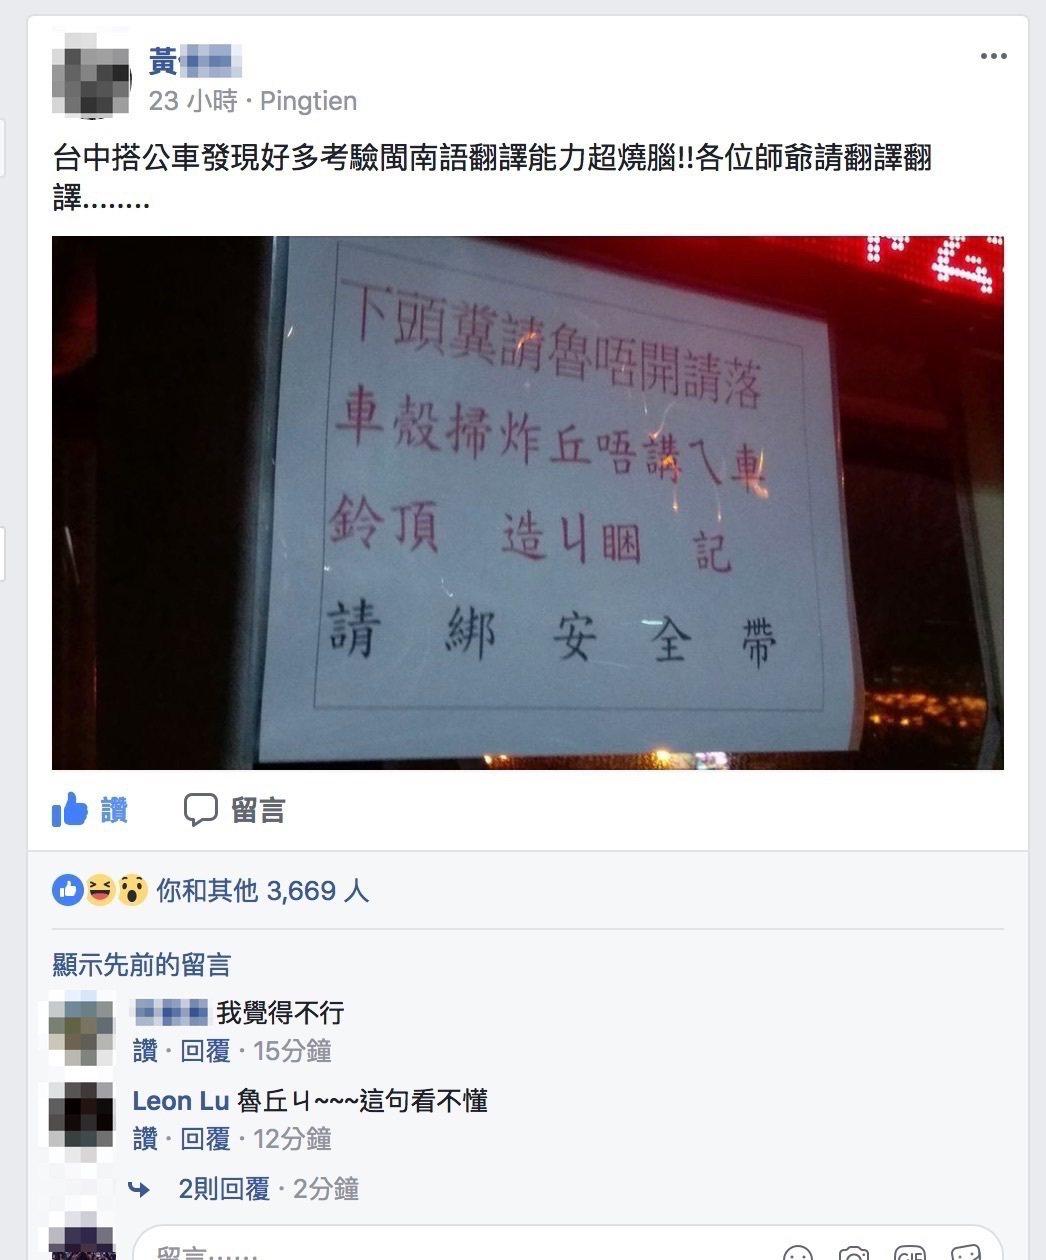 黃姓網友在台中市公車發現燒腦閩南語警句,激發網友熱議。圖/摘自臉書